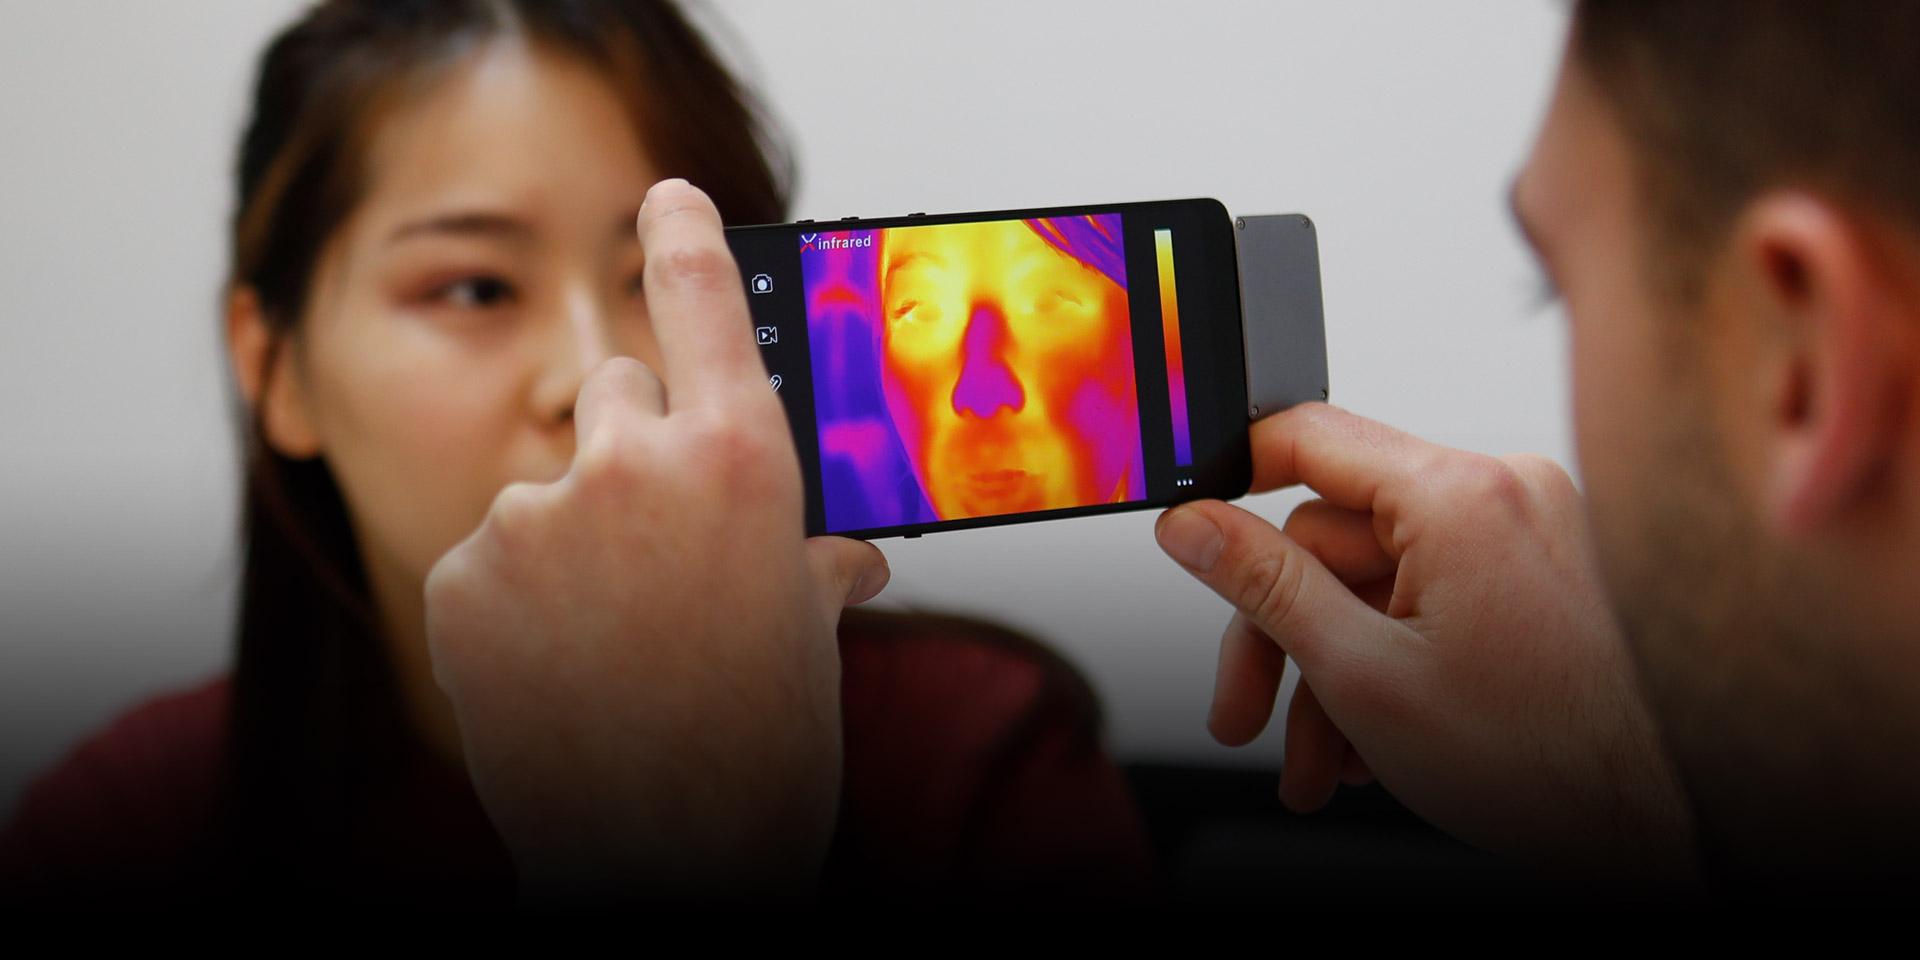 艾睿光电红外热成像仪应用于健康医疗